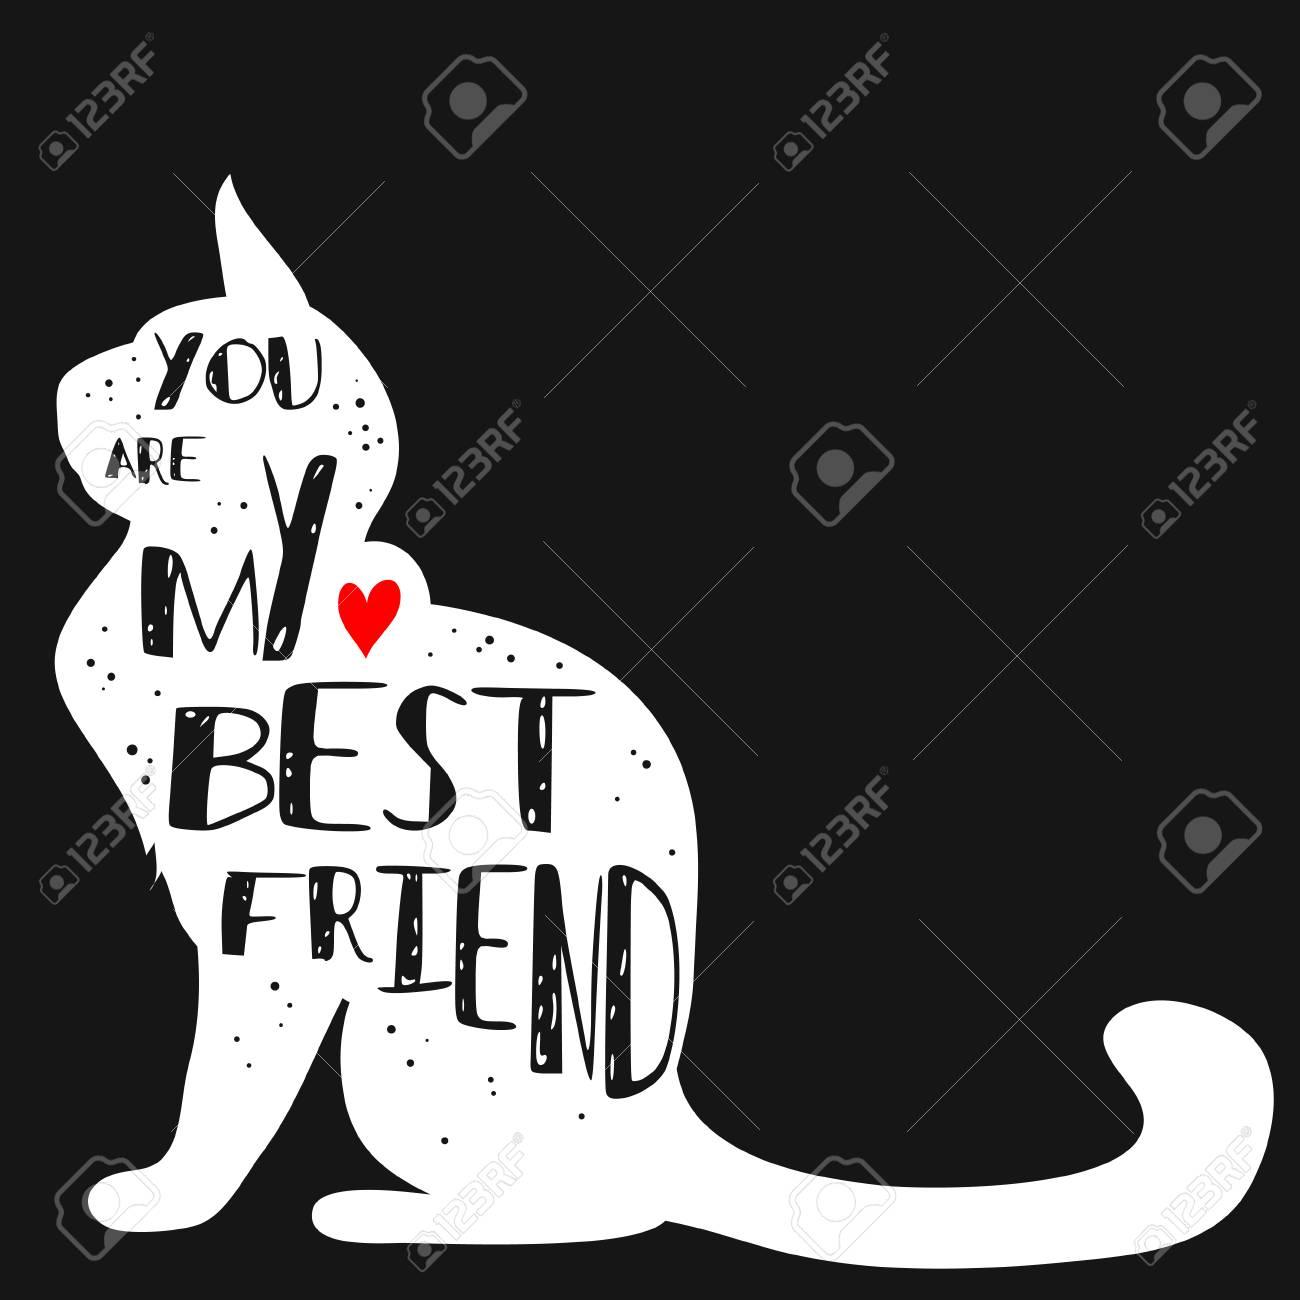 Dibujado A Mano Cartel Tipográfico Inconformista Con Silueta De Gato Y La Frase Eres Mi Mejor Amigo Inspiracional Letras Con Mascota Imprimir Para